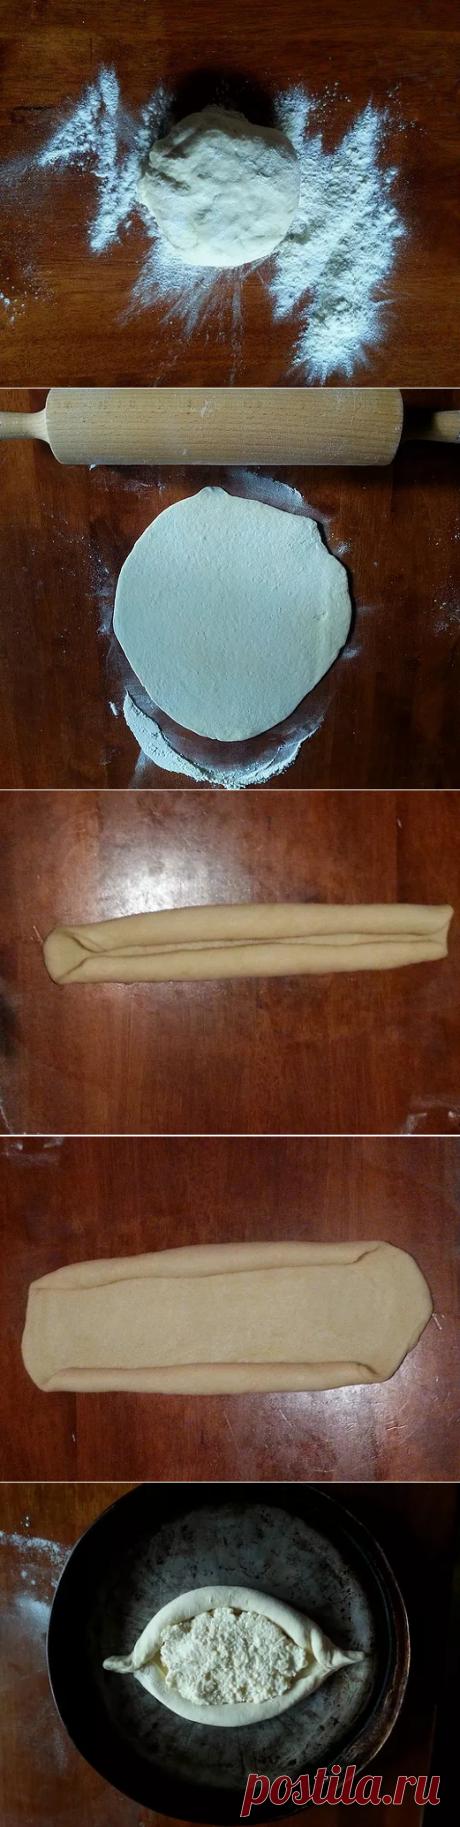 Аджарские хачапури. Рецепт Тинатин Мжаванадзе (Tinatin Diaz ).  главный секрет успеха хачапури - чтоб сыр в бортиках тоже был